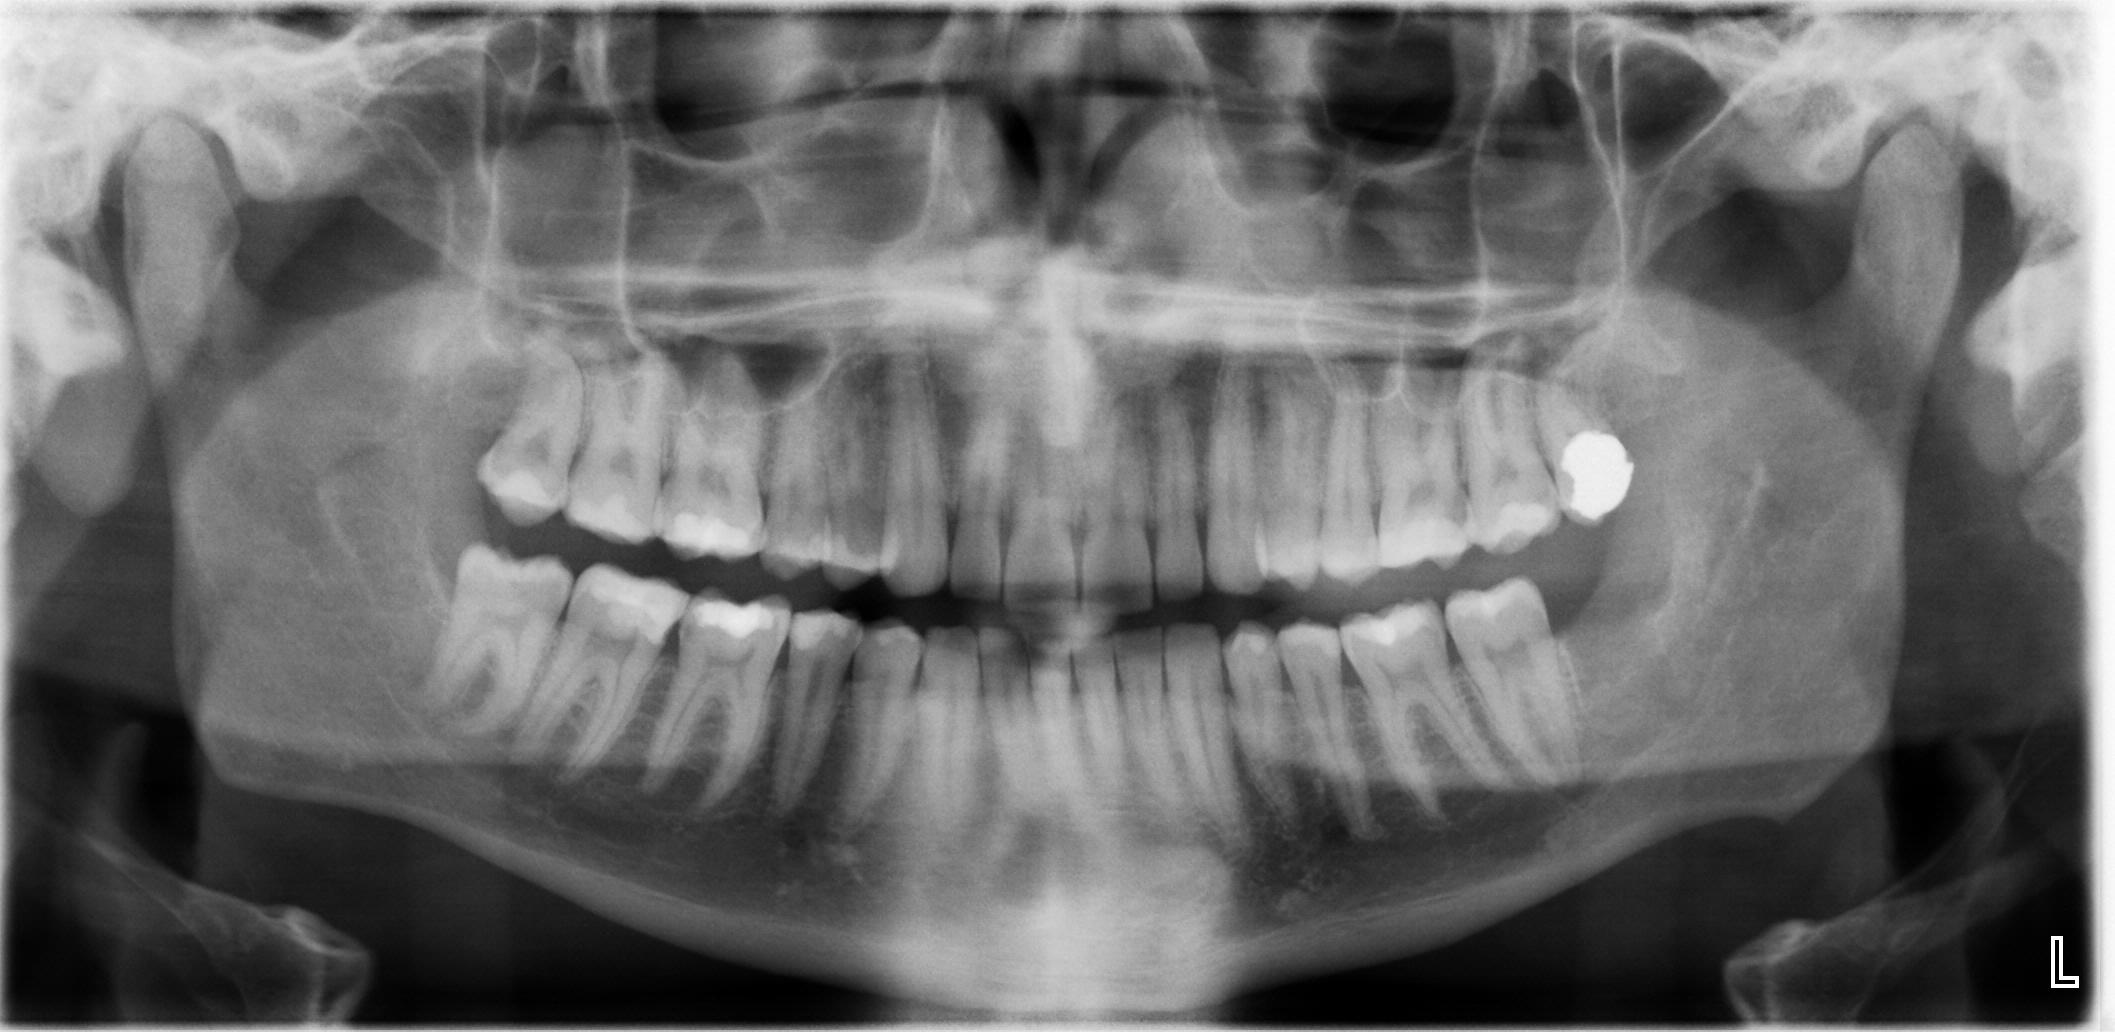 Il dentista non ha potuto rimuovere un piccolo pezzettino di radice dentale.